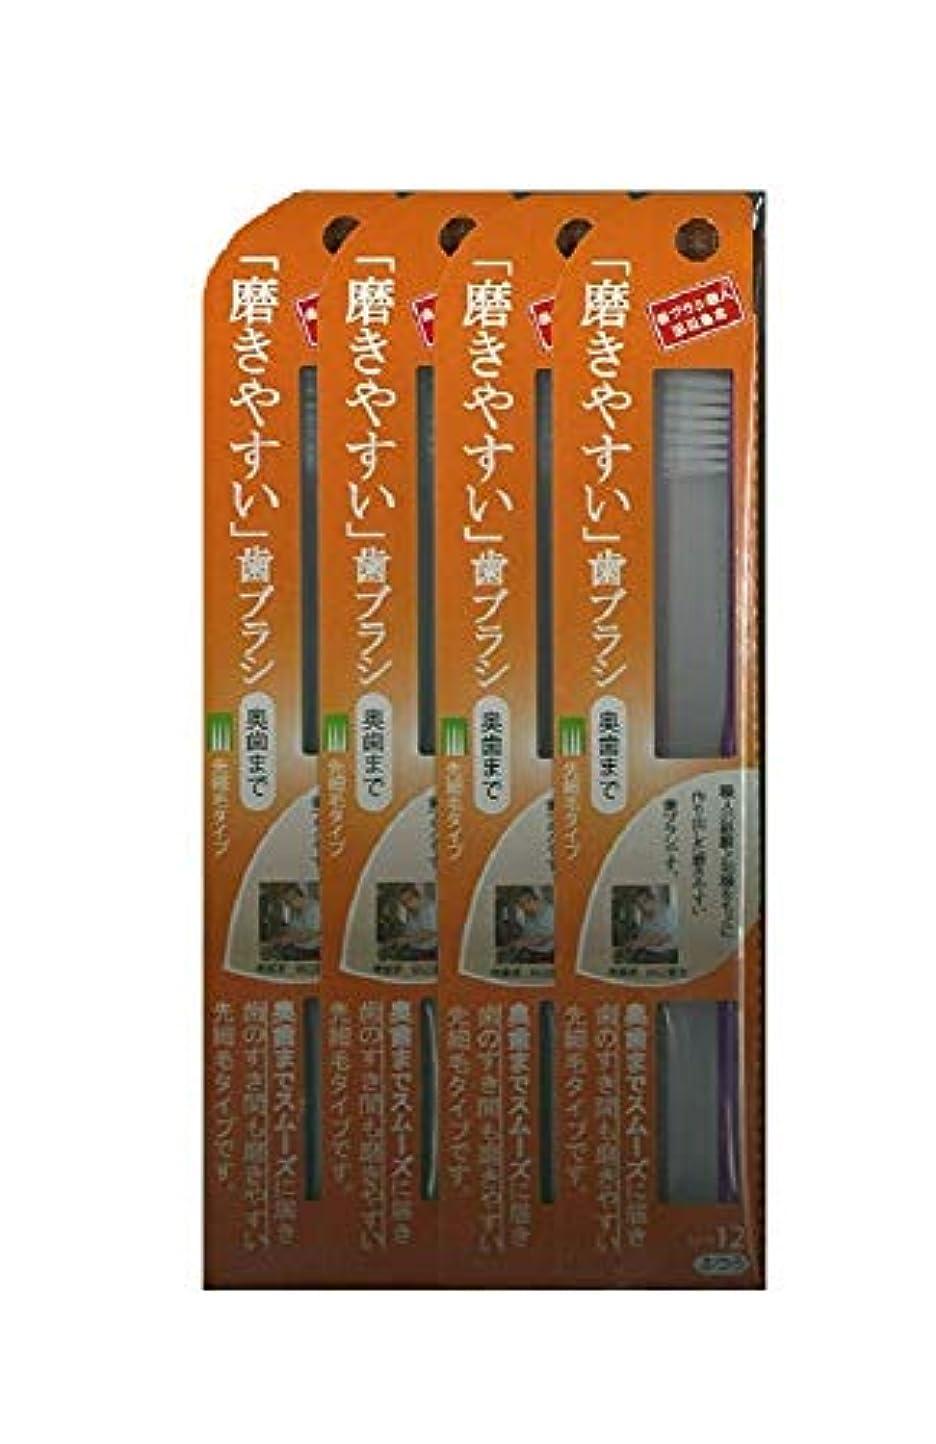 パーツ起こりやすい親密な歯ブラシ職人 田辺重吉 磨きやすい歯ブラシ 奥歯まで 先細毛タイプ LT-12(1本×4個セット)